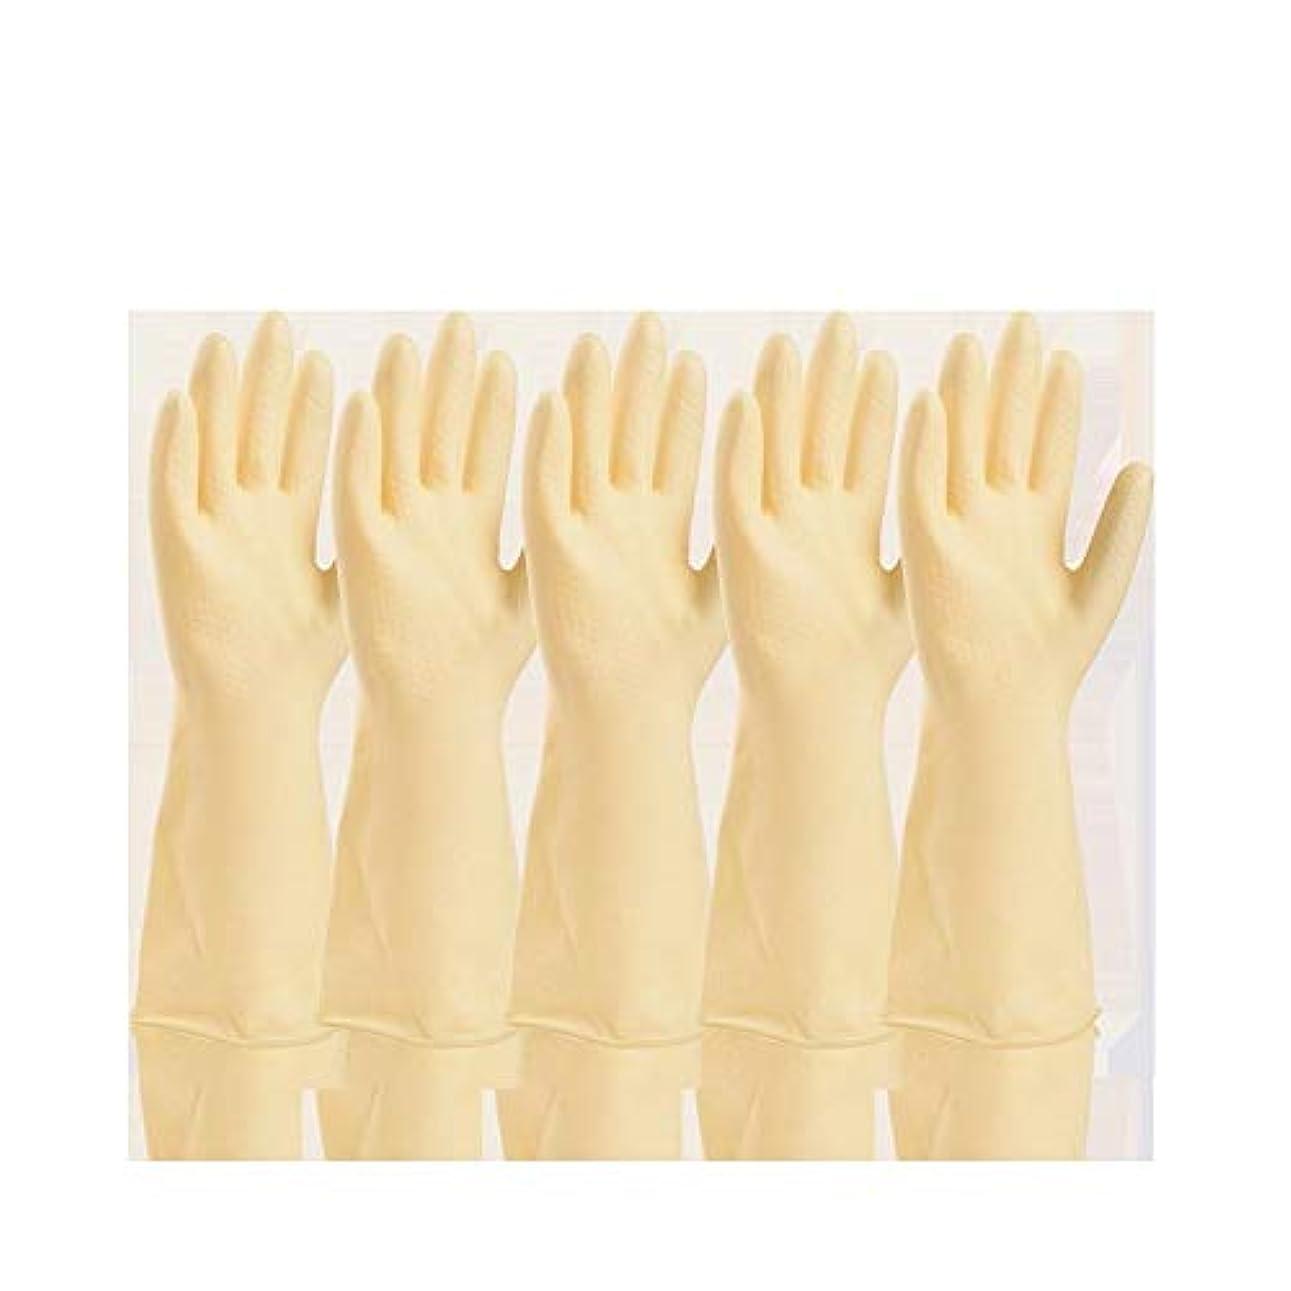 仲介者はいバリケード使い捨て手袋 工業用手袋厚手のプラスチック製保護用耐水性防水ラテックス手袋、5ペア ニトリルゴム手袋 (Color : White, Size : S)